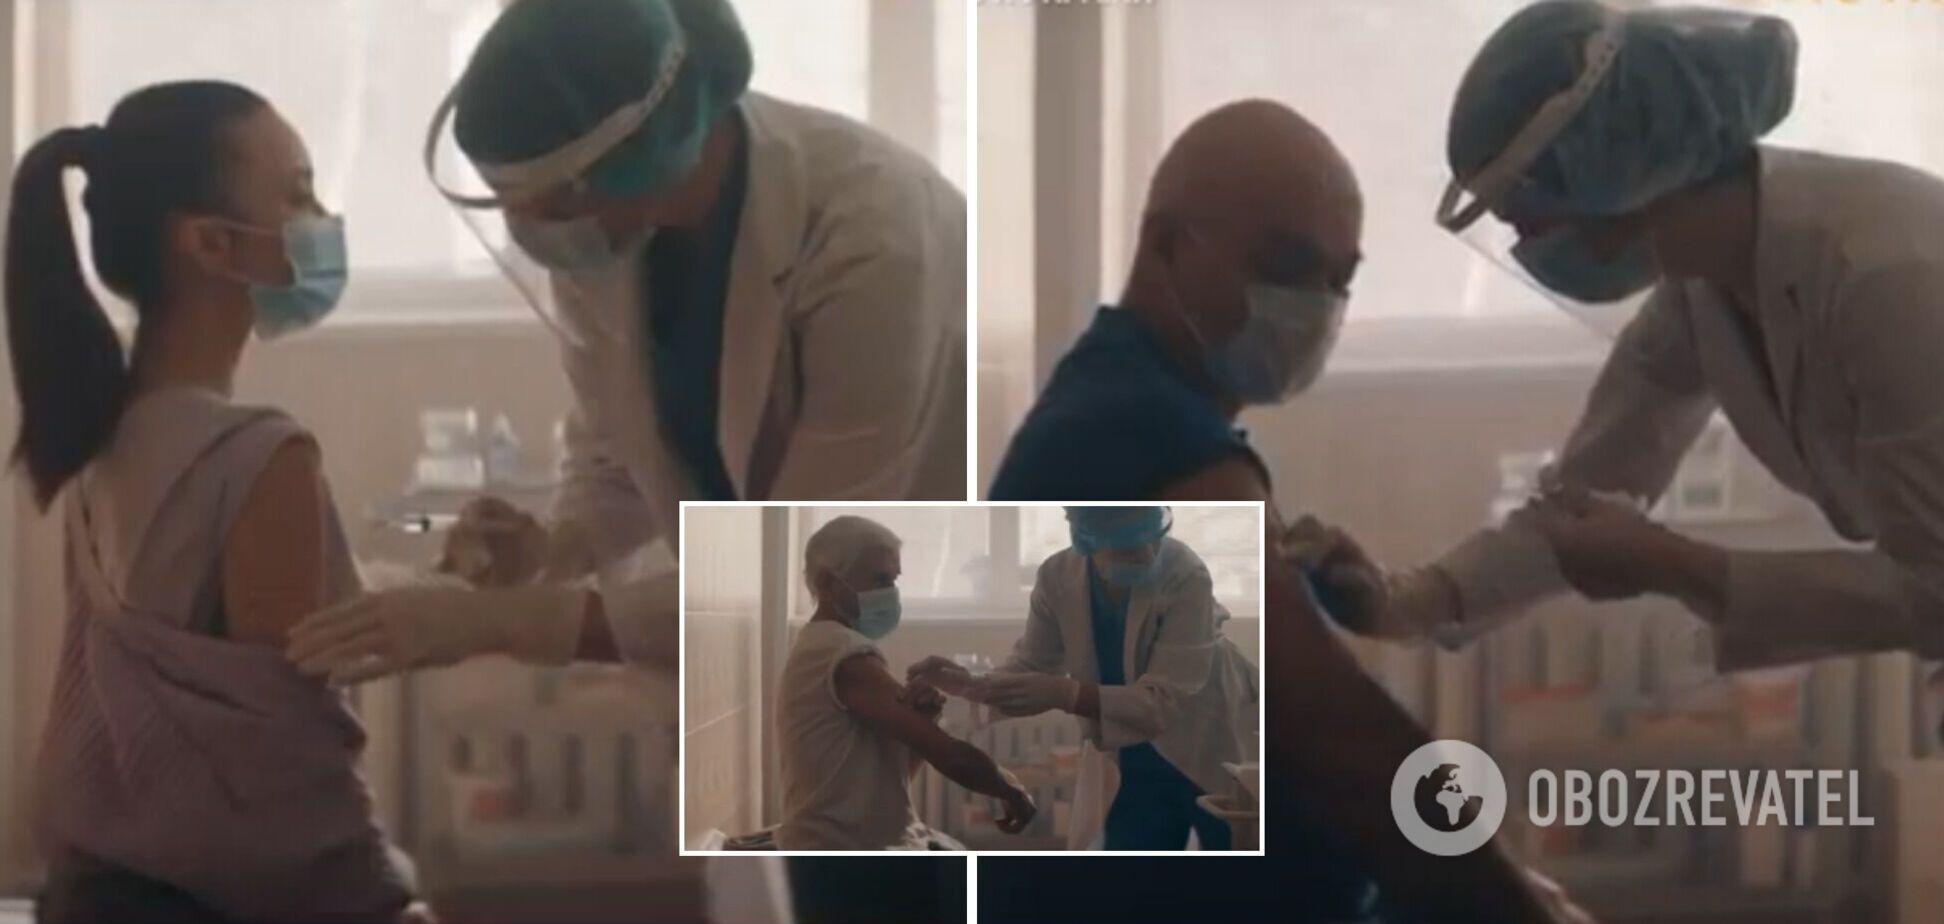 Минздрав в эмоциональных роликах рассказал о необходимости вакцинации. Видео